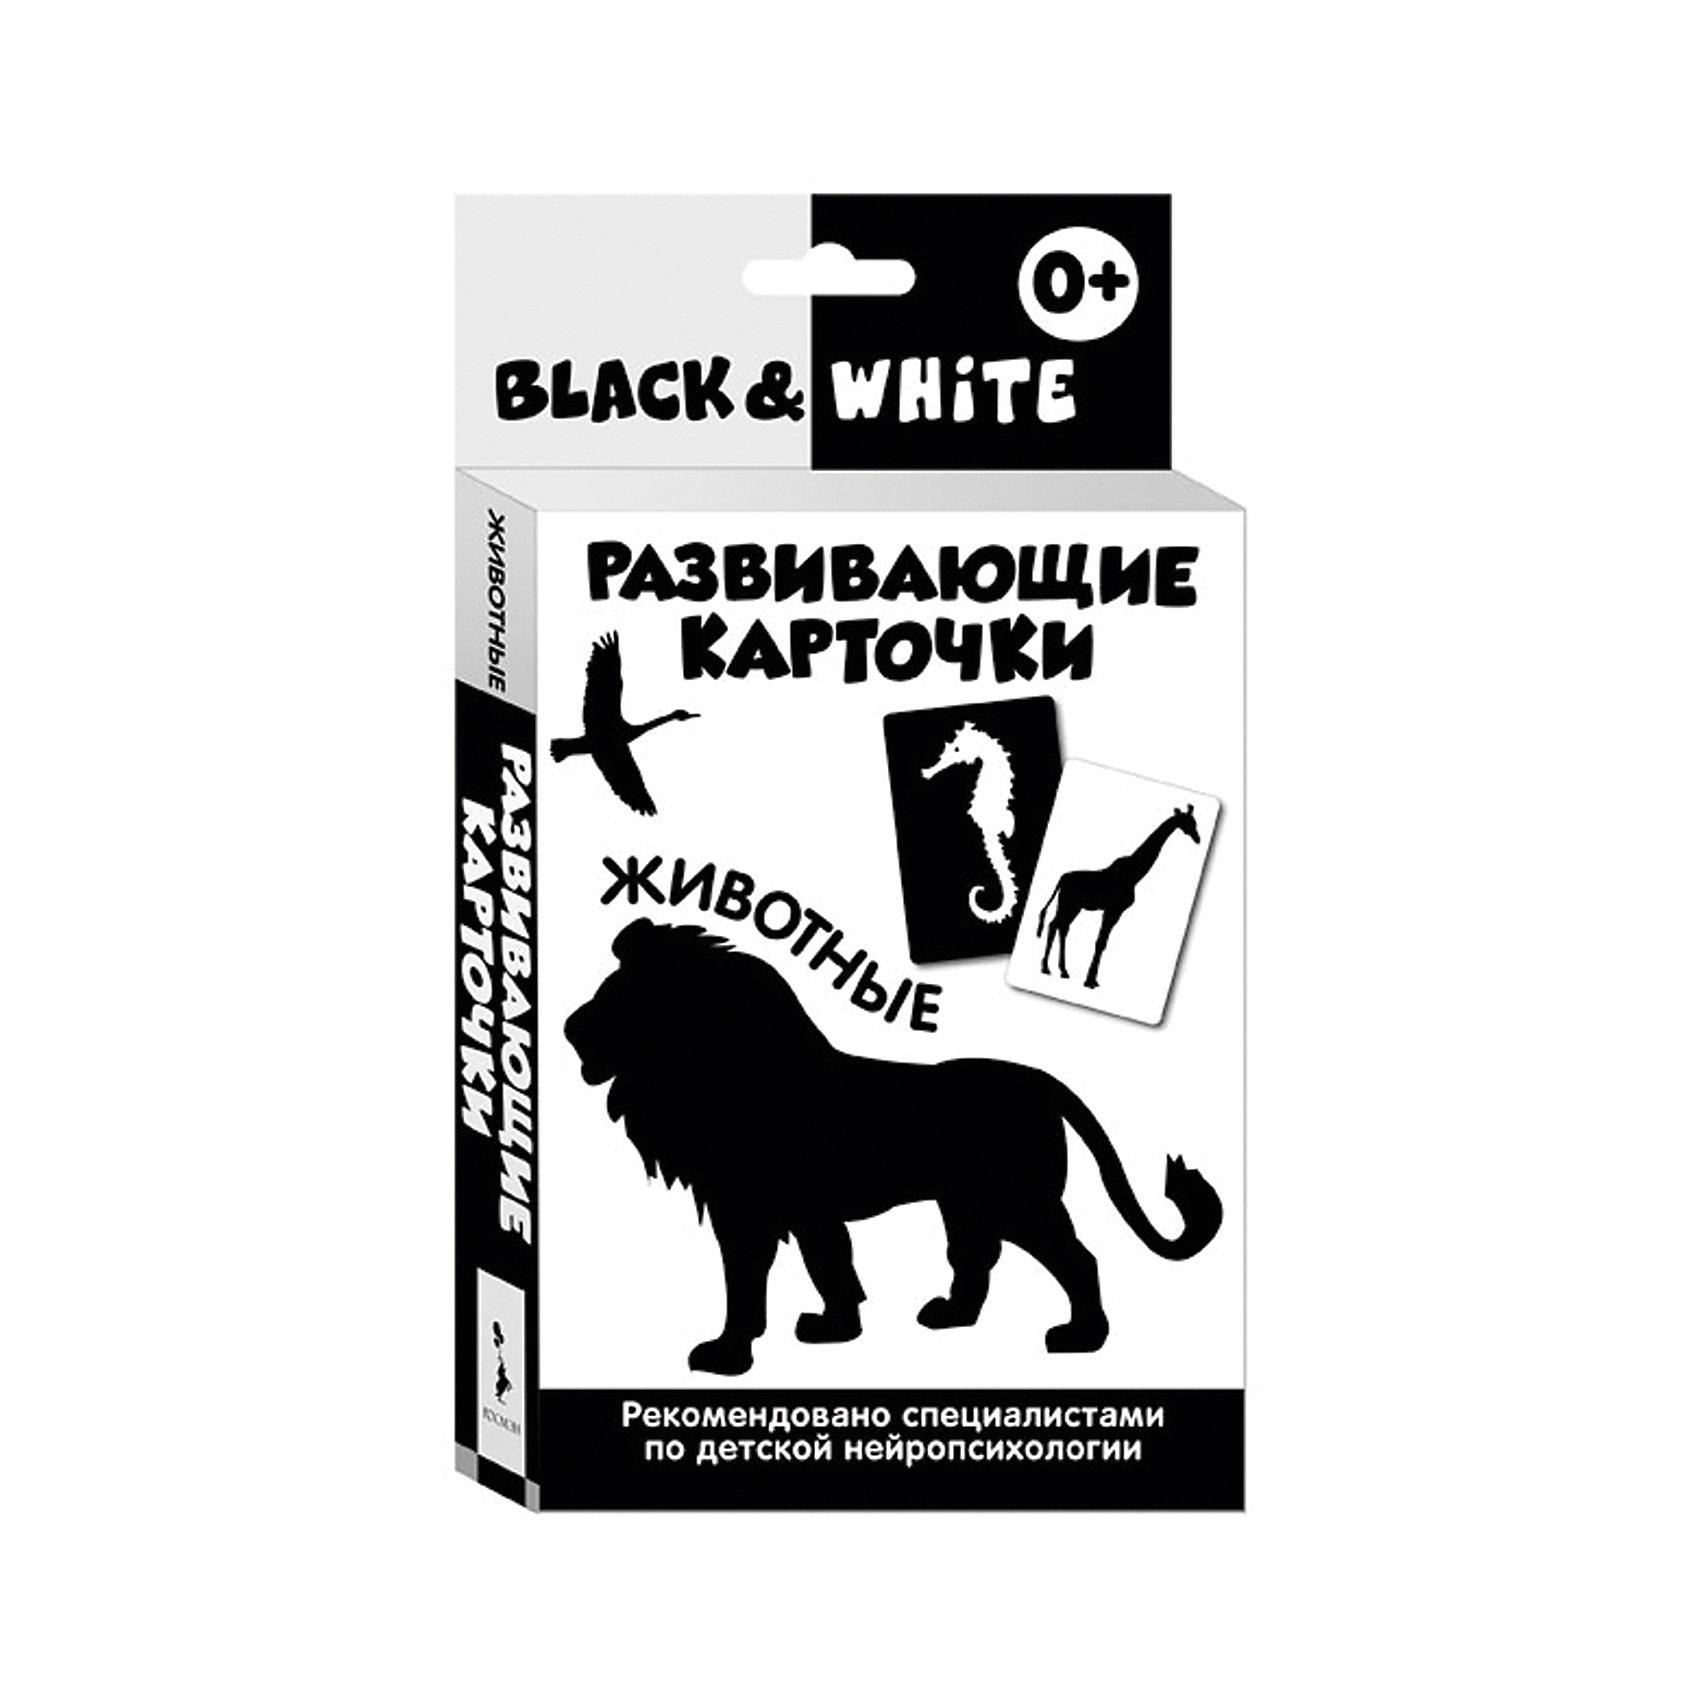 Развивающие карточки Black &amp; White. ЖивотныеРосмэн<br>Характеристики товара:<br><br>- цвет: черно-белый;<br>- материал: бумага;<br>- количество карточек: 16;<br>- формат: 20,0 x 11,2 см;<br>- возраст: 0+;<br>- обложка: картонная коробка.<br><br>Развивающие карточки – отличный вариант для раннего обучения ребенка и дальнейшей его подготовке школе. Набор тренирует зрительную память и восприятие. Комплект содержит 16 карточек с контрастными изображениями из картона. В наборе есть инструкция для родителей, разработанная специализированными нейропсихологами. Все материалы, использованные при производстве издания, соответствуют всем стандартам качества и безопасности. <br><br>Издание Развивающие карточки Black &amp; White. Животные от компании Росмэн можно приобрести в нашем интернет-магазине.<br><br>Ширина мм: 200<br>Глубина мм: 112<br>Высота мм: 20<br>Вес г: 220<br>Возраст от месяцев: 0<br>Возраст до месяцев: 36<br>Пол: Унисекс<br>Возраст: Детский<br>SKU: 5109863